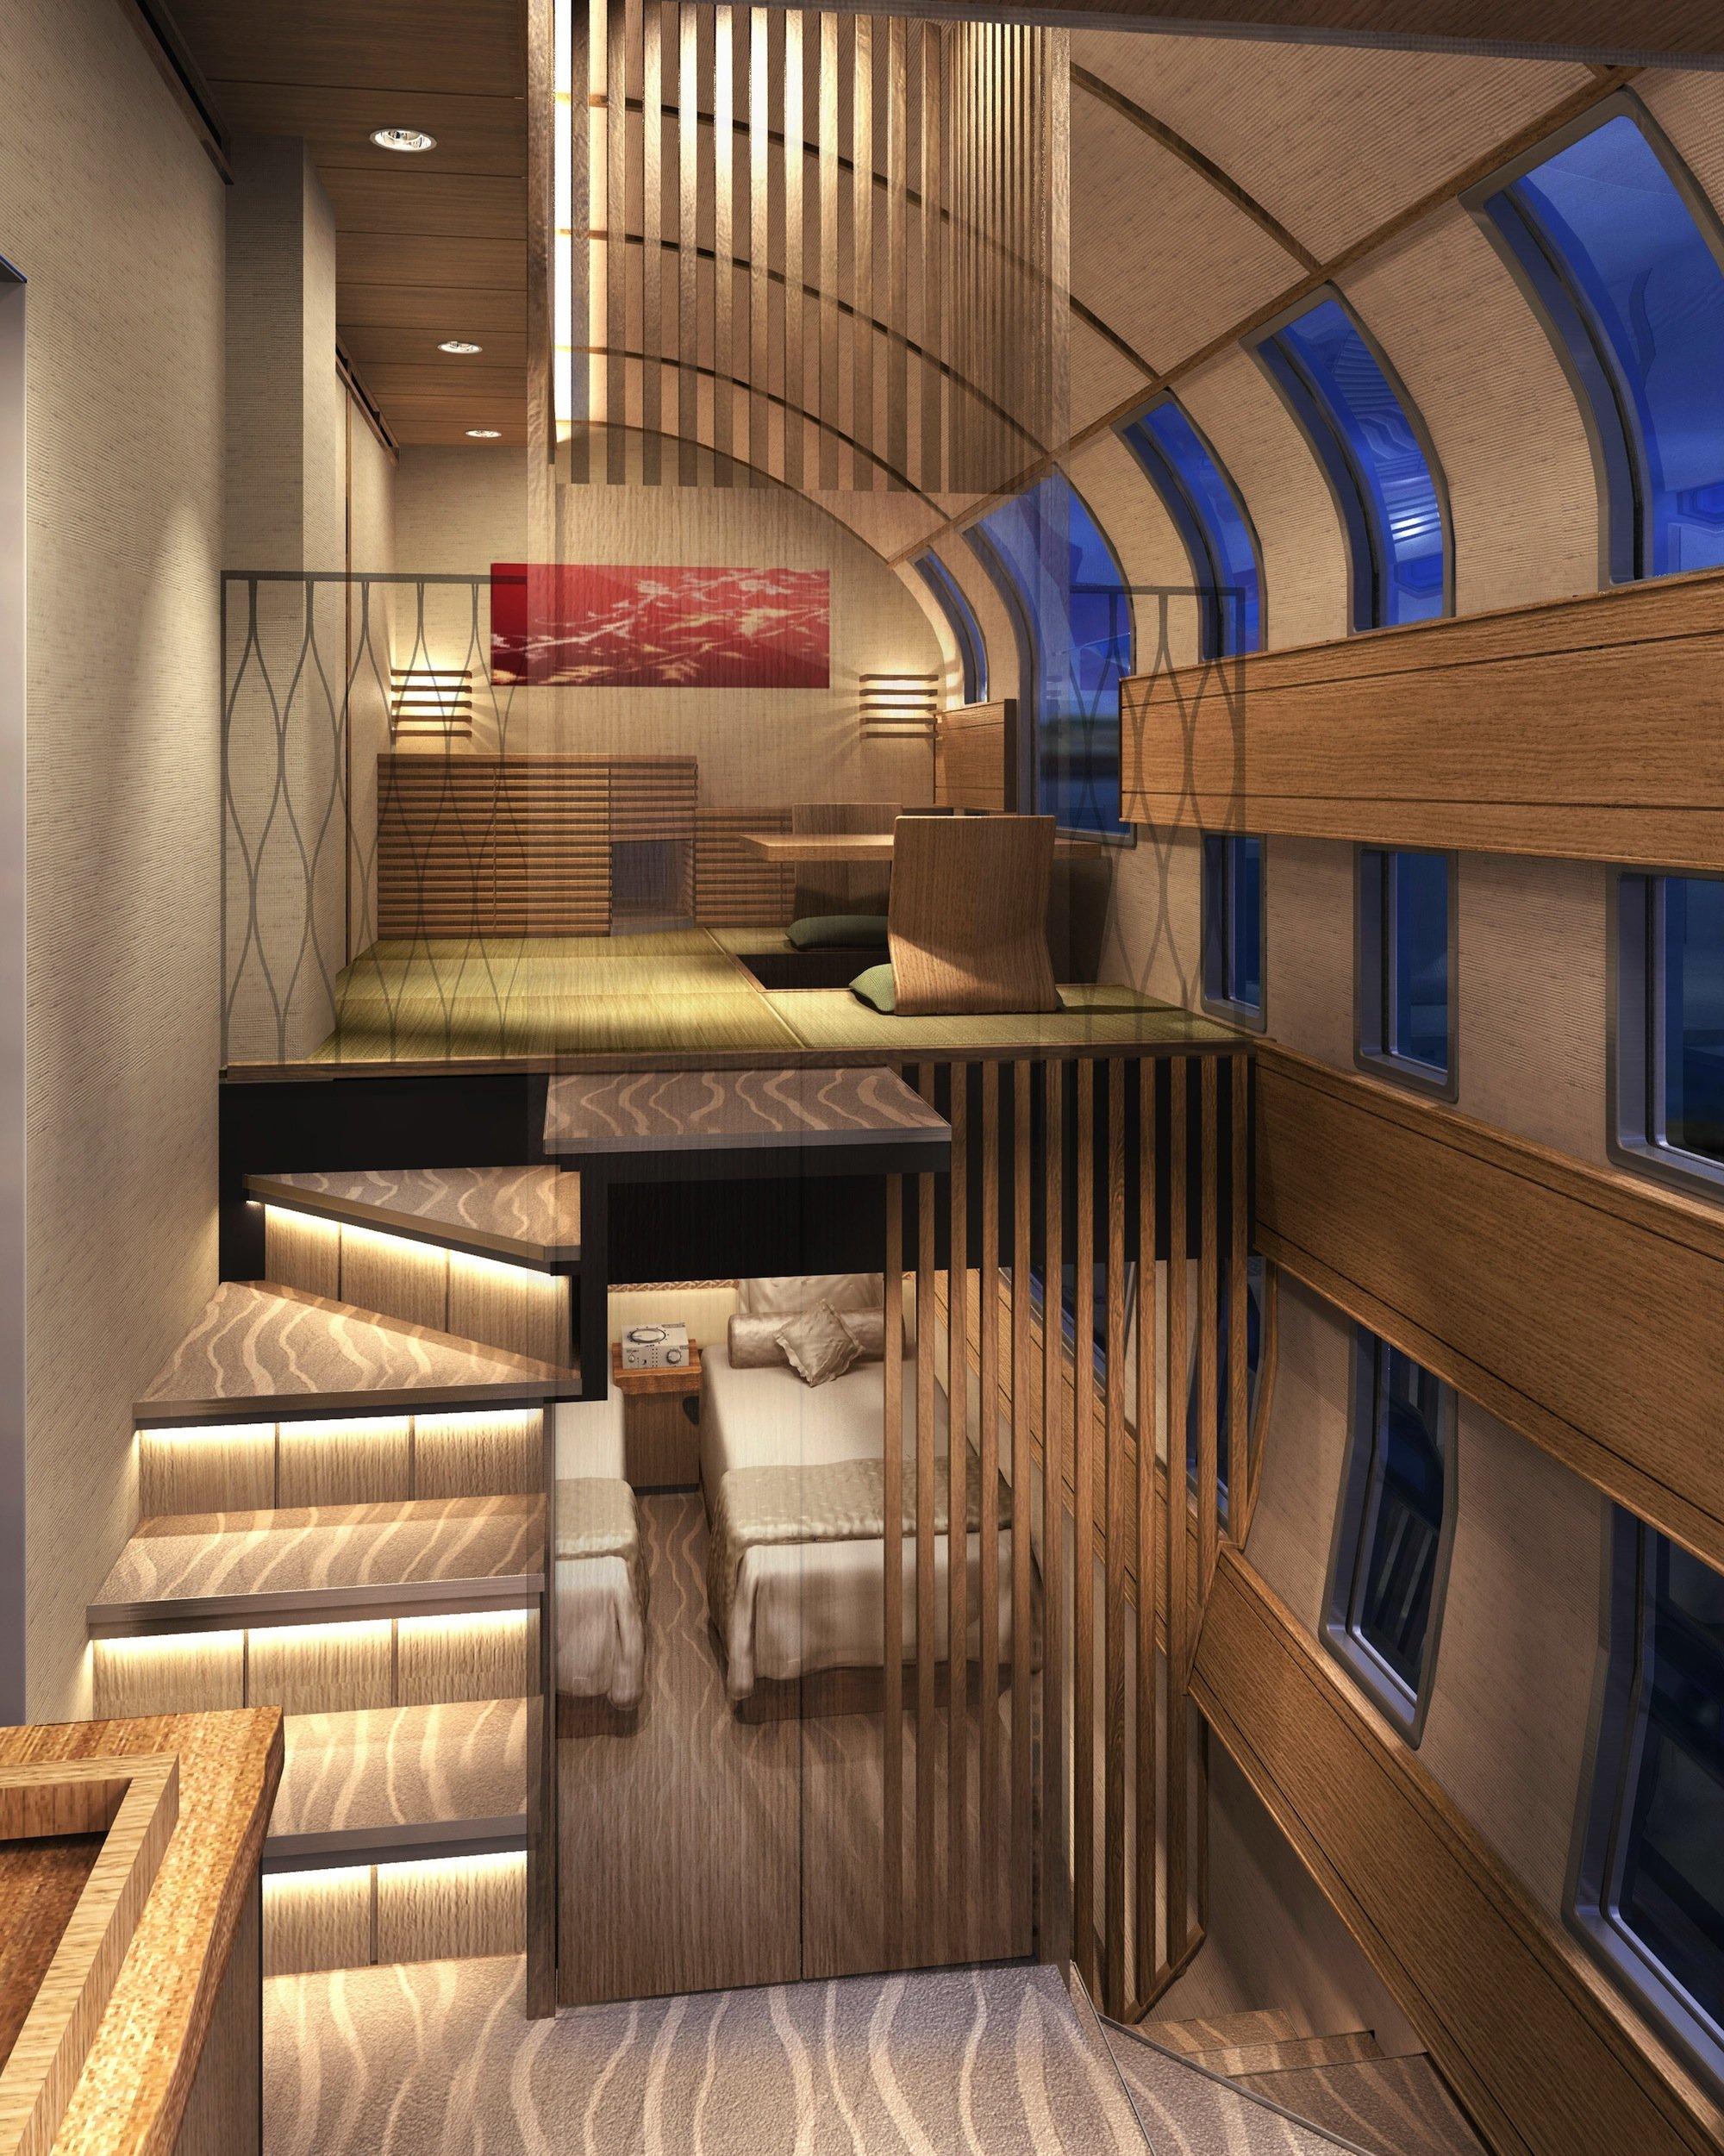 Nicht in einem Haus, sondern auf Schienen befindet sich dieses Appartement über zwei Etagen – der japanische Luxuszug Cruise Train setzt neue Maßstäbe in der Kultur des Reisens.